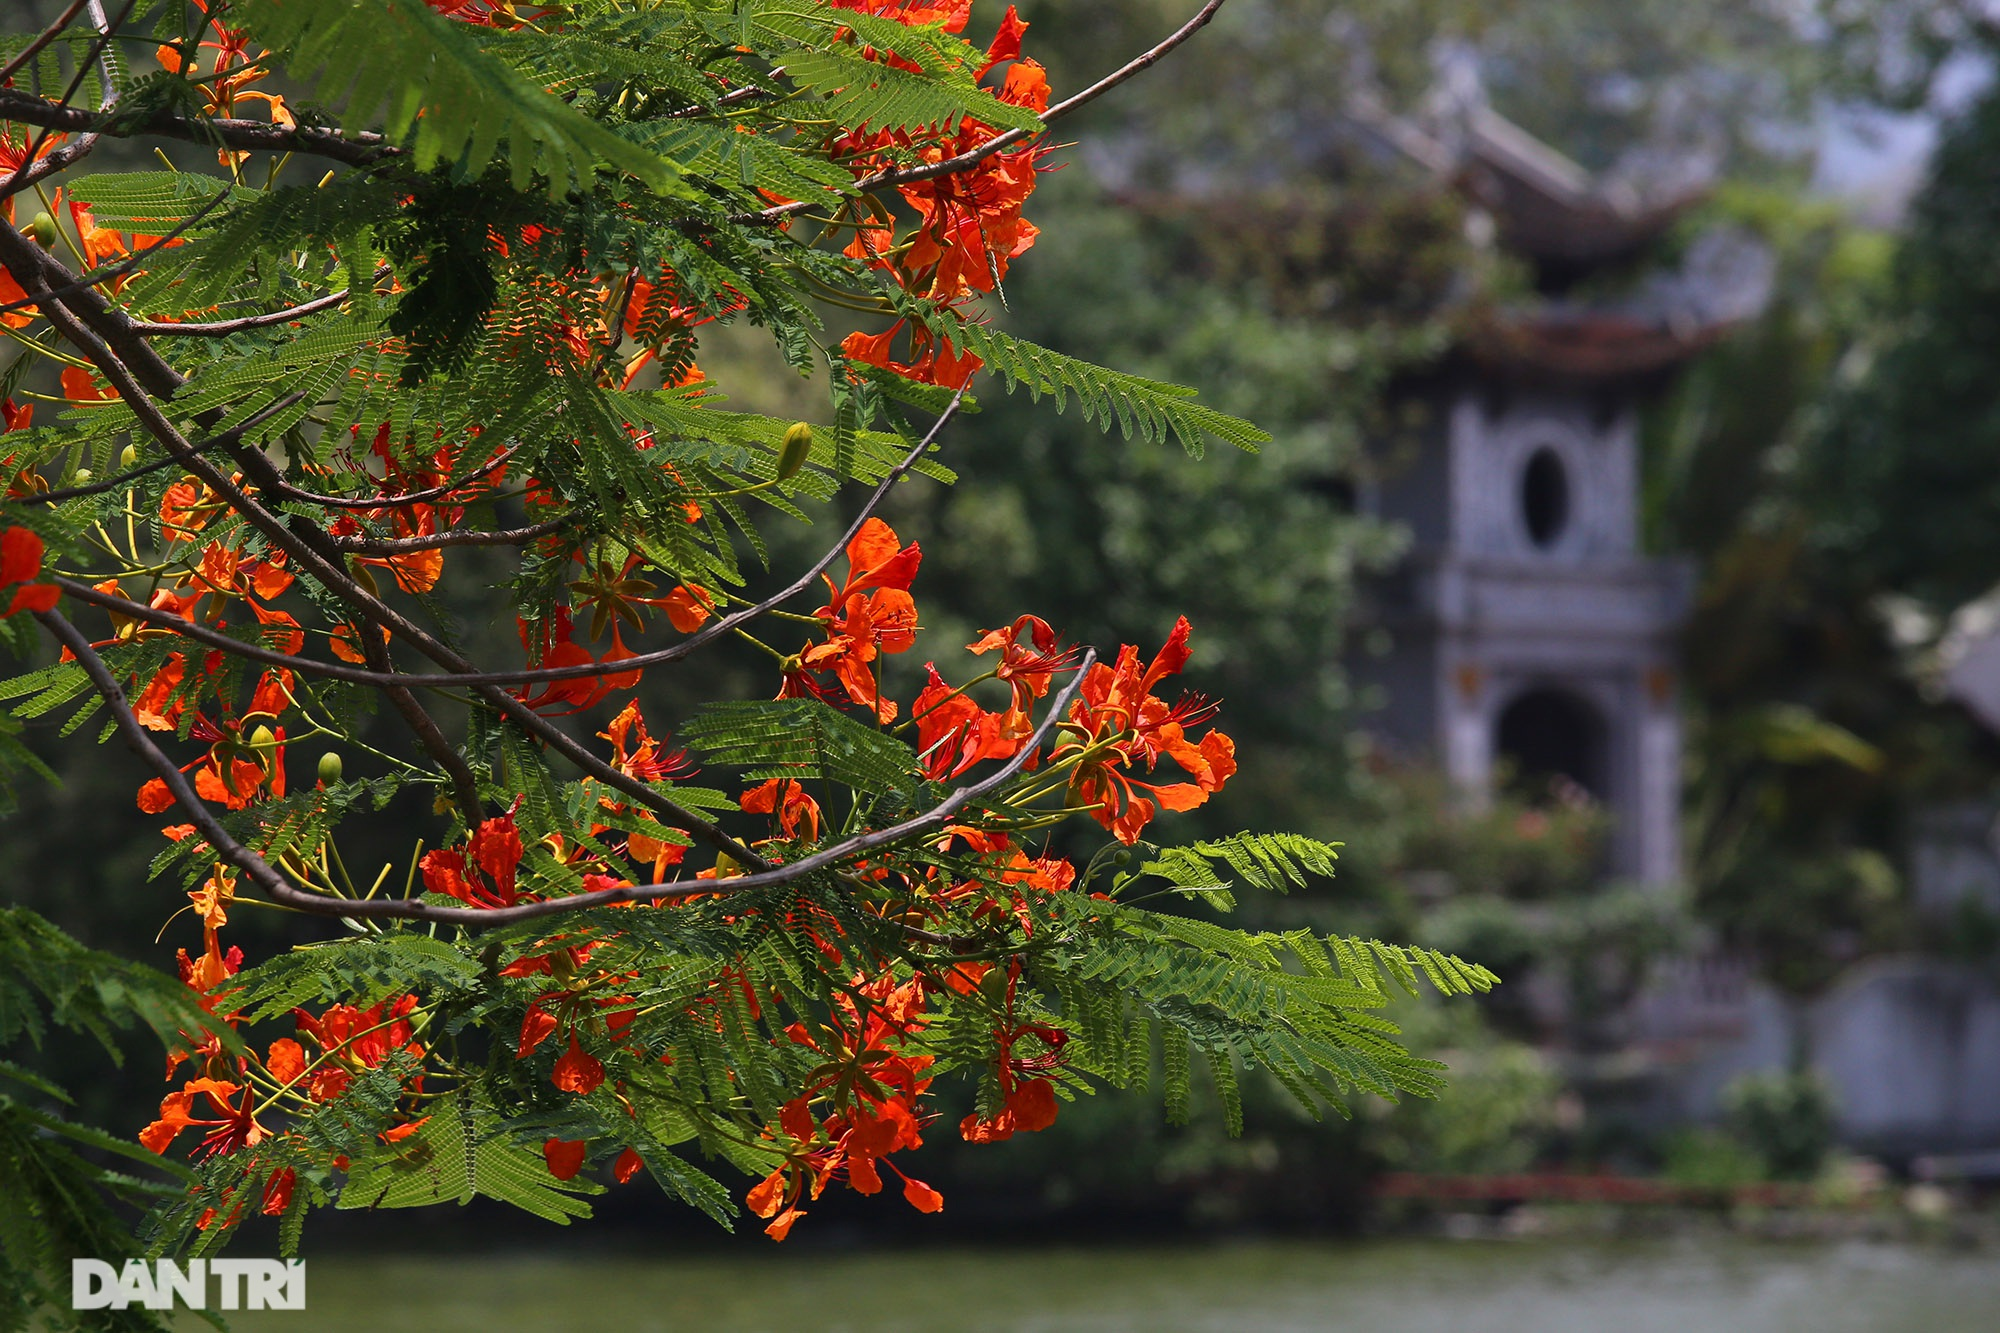 Mùa hoa phượng vĩ bắt đầu nở đẹp khắp phố phường Hà Nội - 10